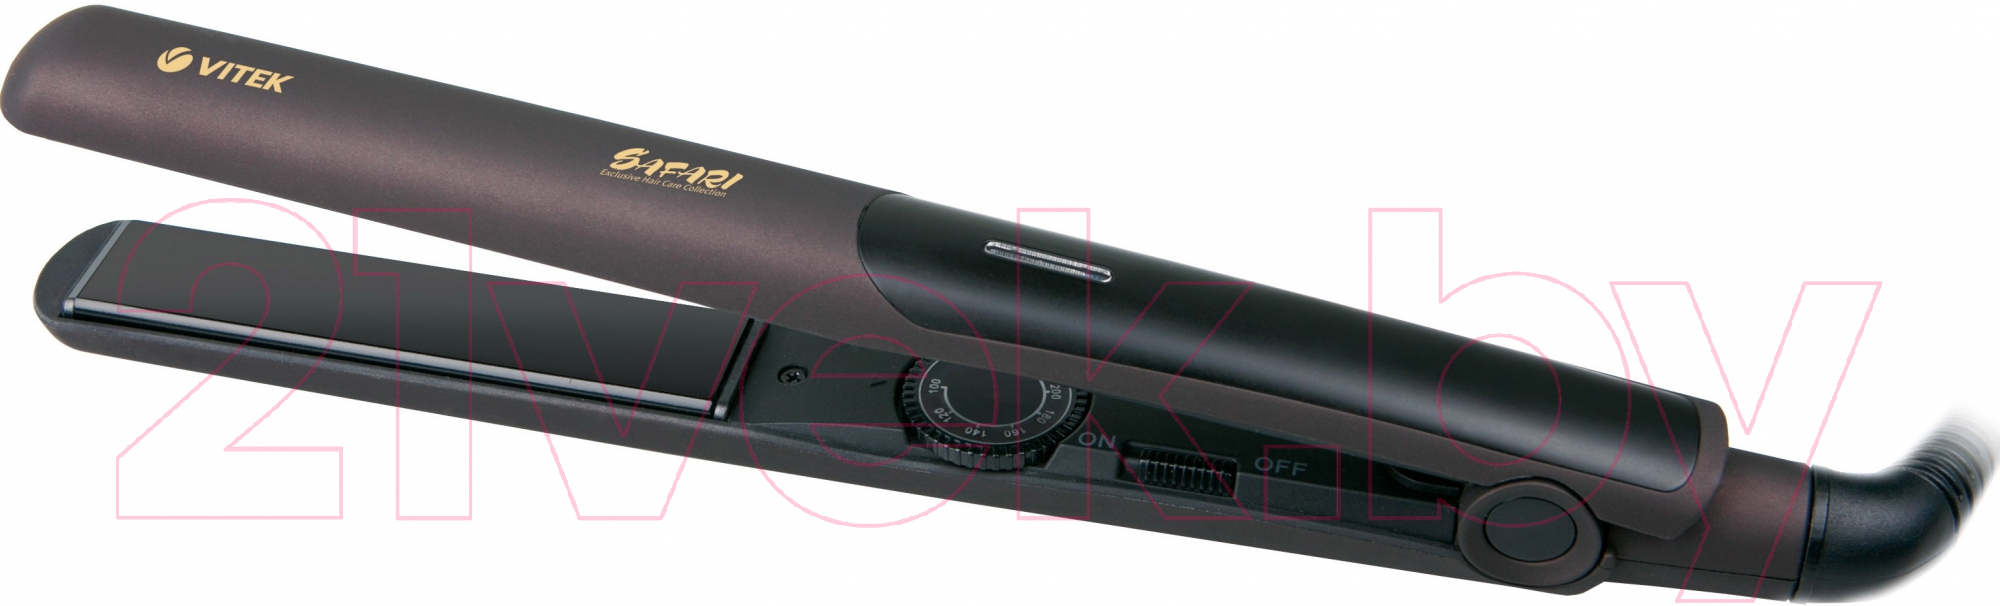 Купить Выпрямитель для волос Vitek, VT-8405 BN, Китай